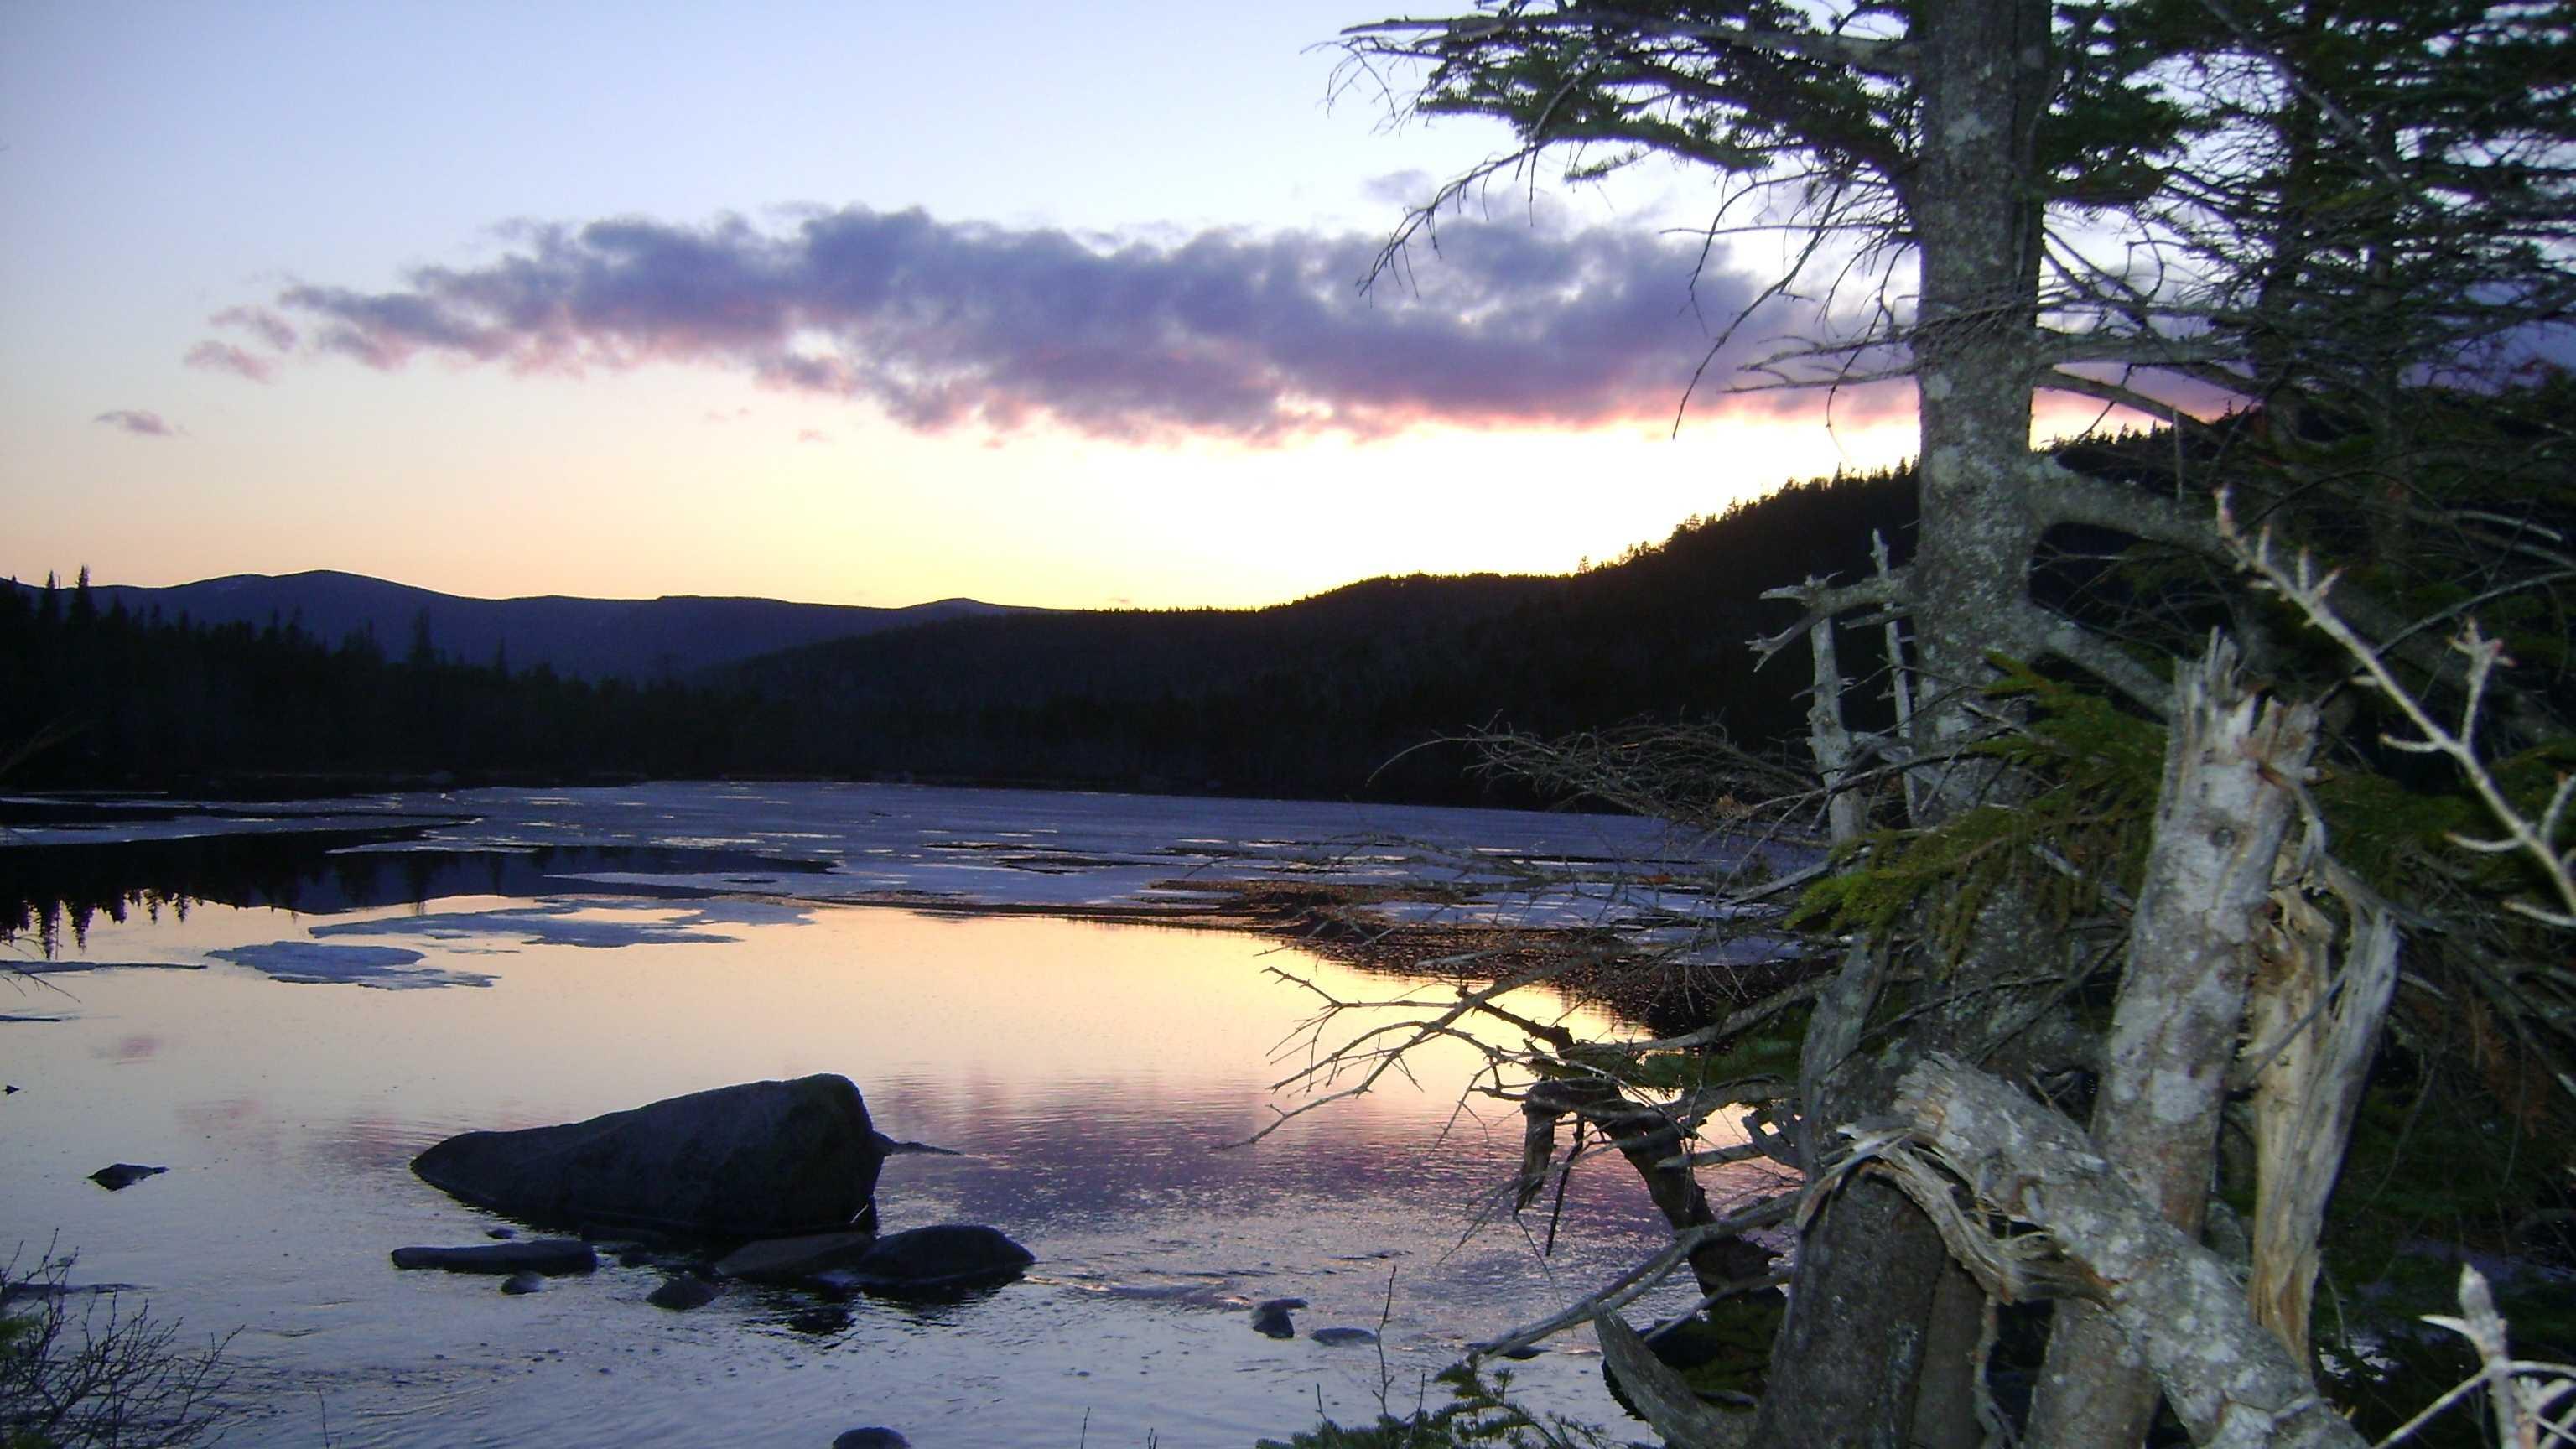 Ethan Pond on Appalachian Trail